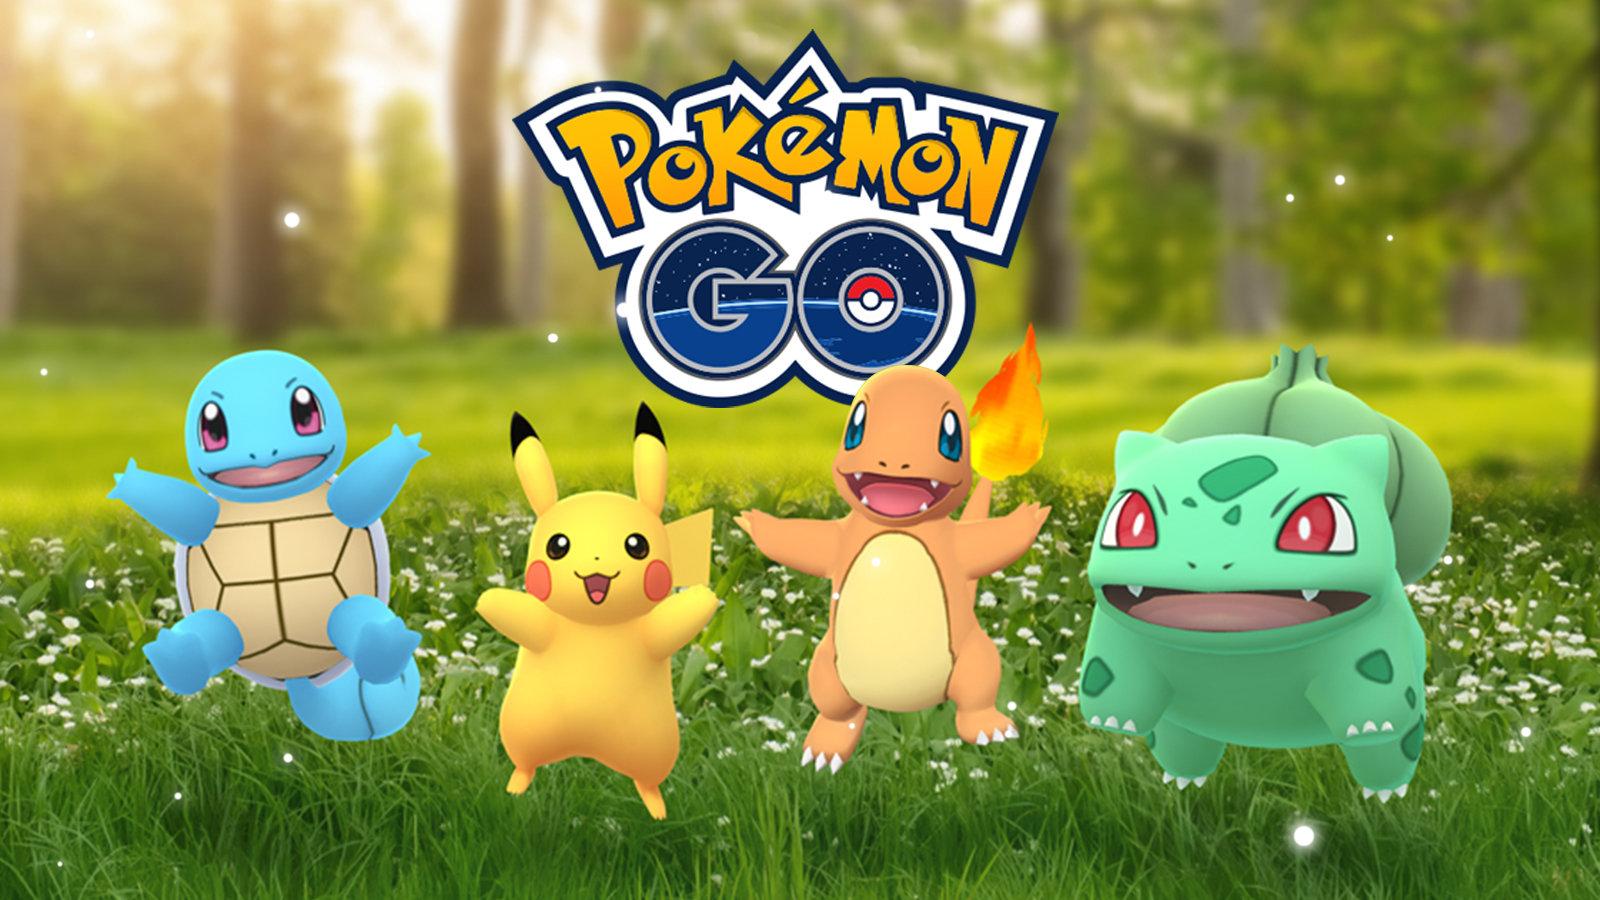 Pokemon Go Kanto